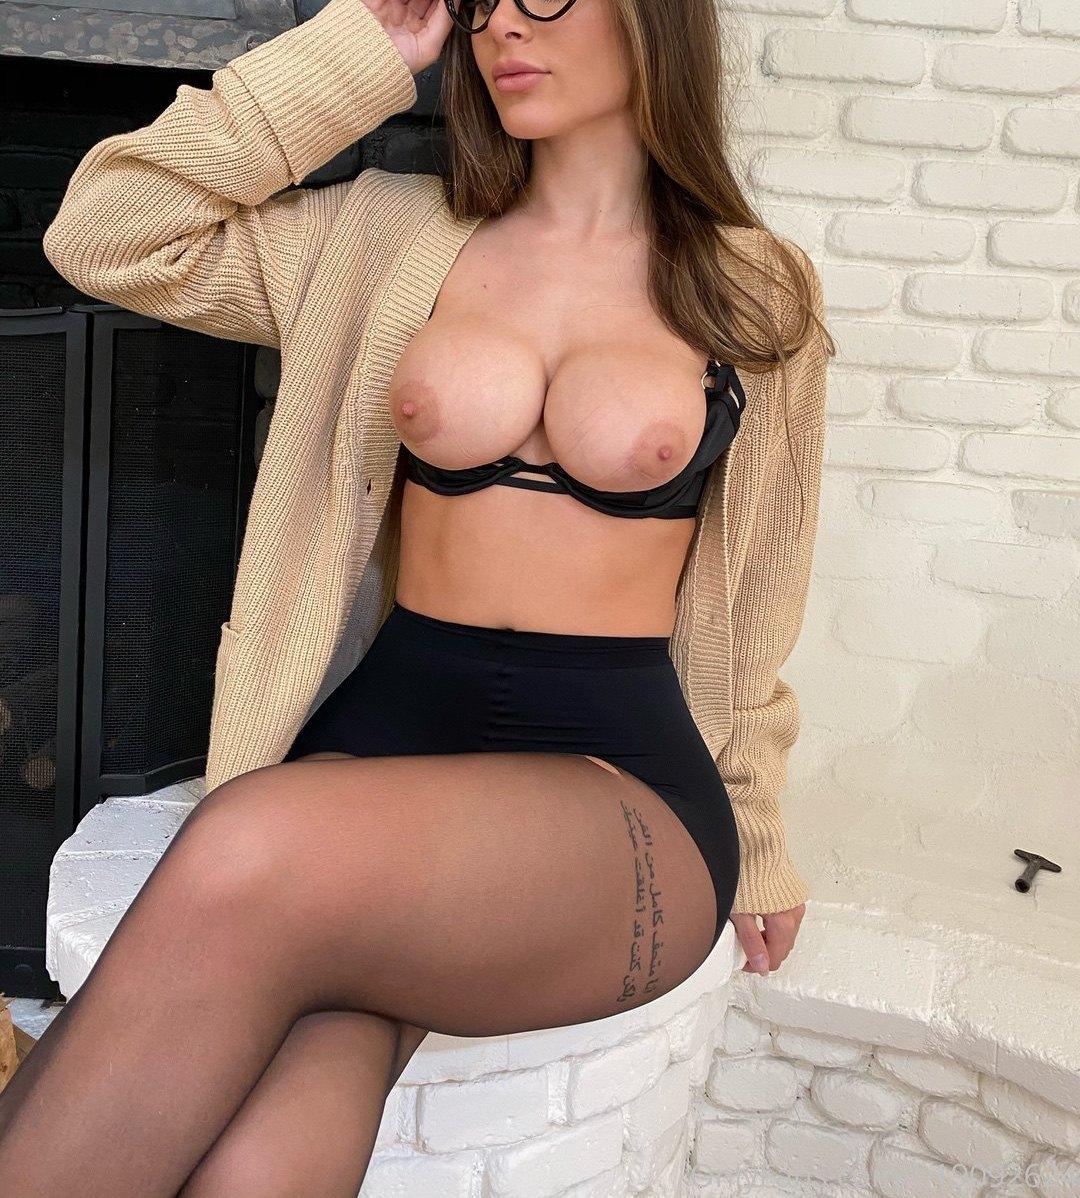 Lana Rhoades Lanarhoadesx3 Onlyfans Nudes Leaks 0013